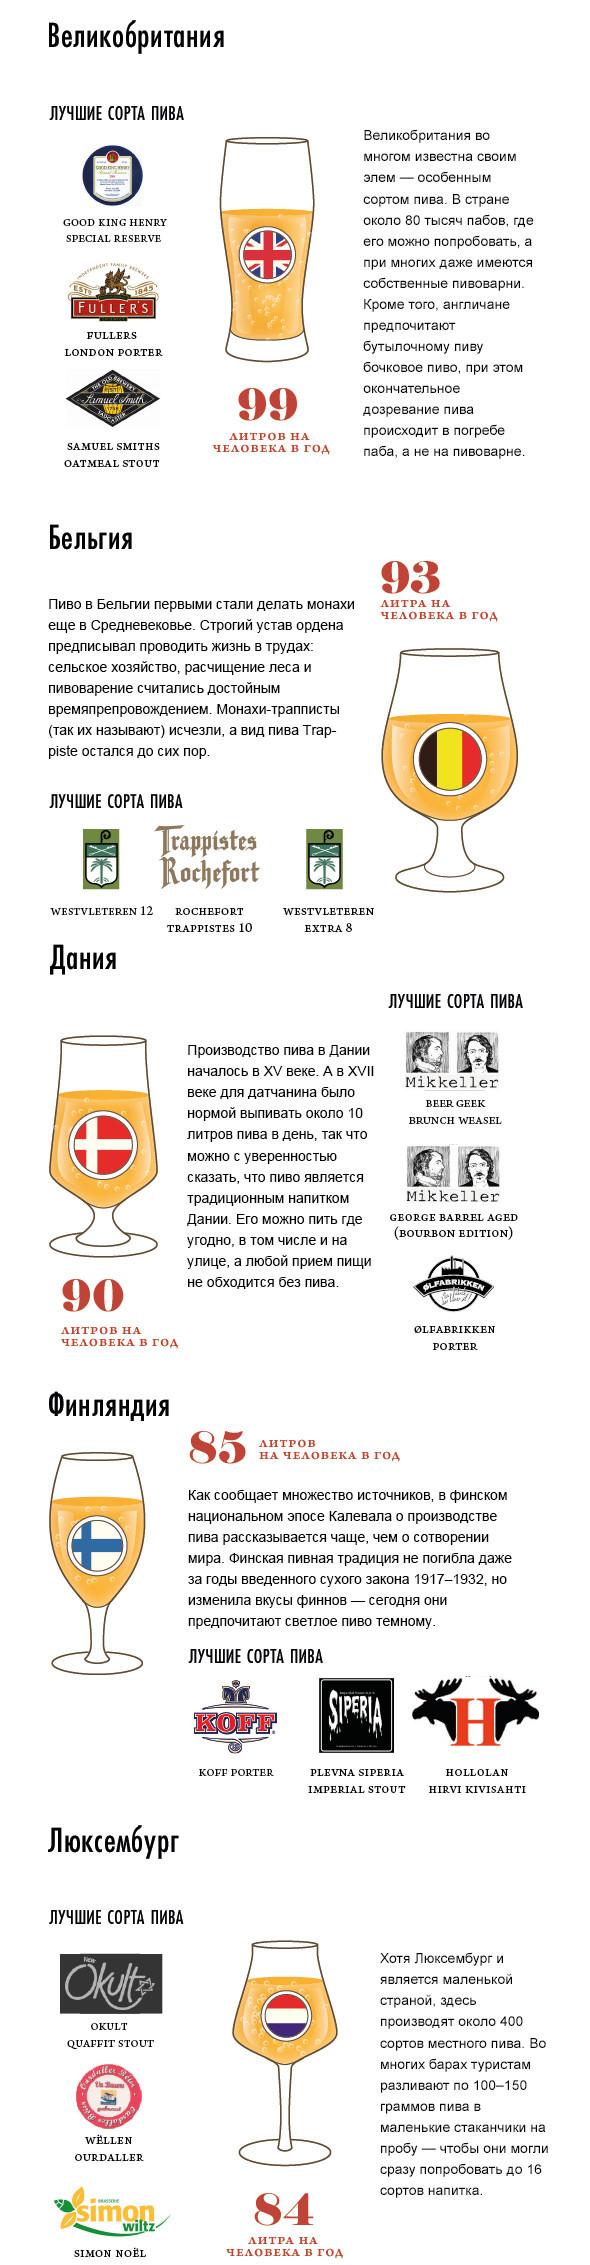 Пена дней: Сколько пива выпивают в разных странах. Изображение № 2.